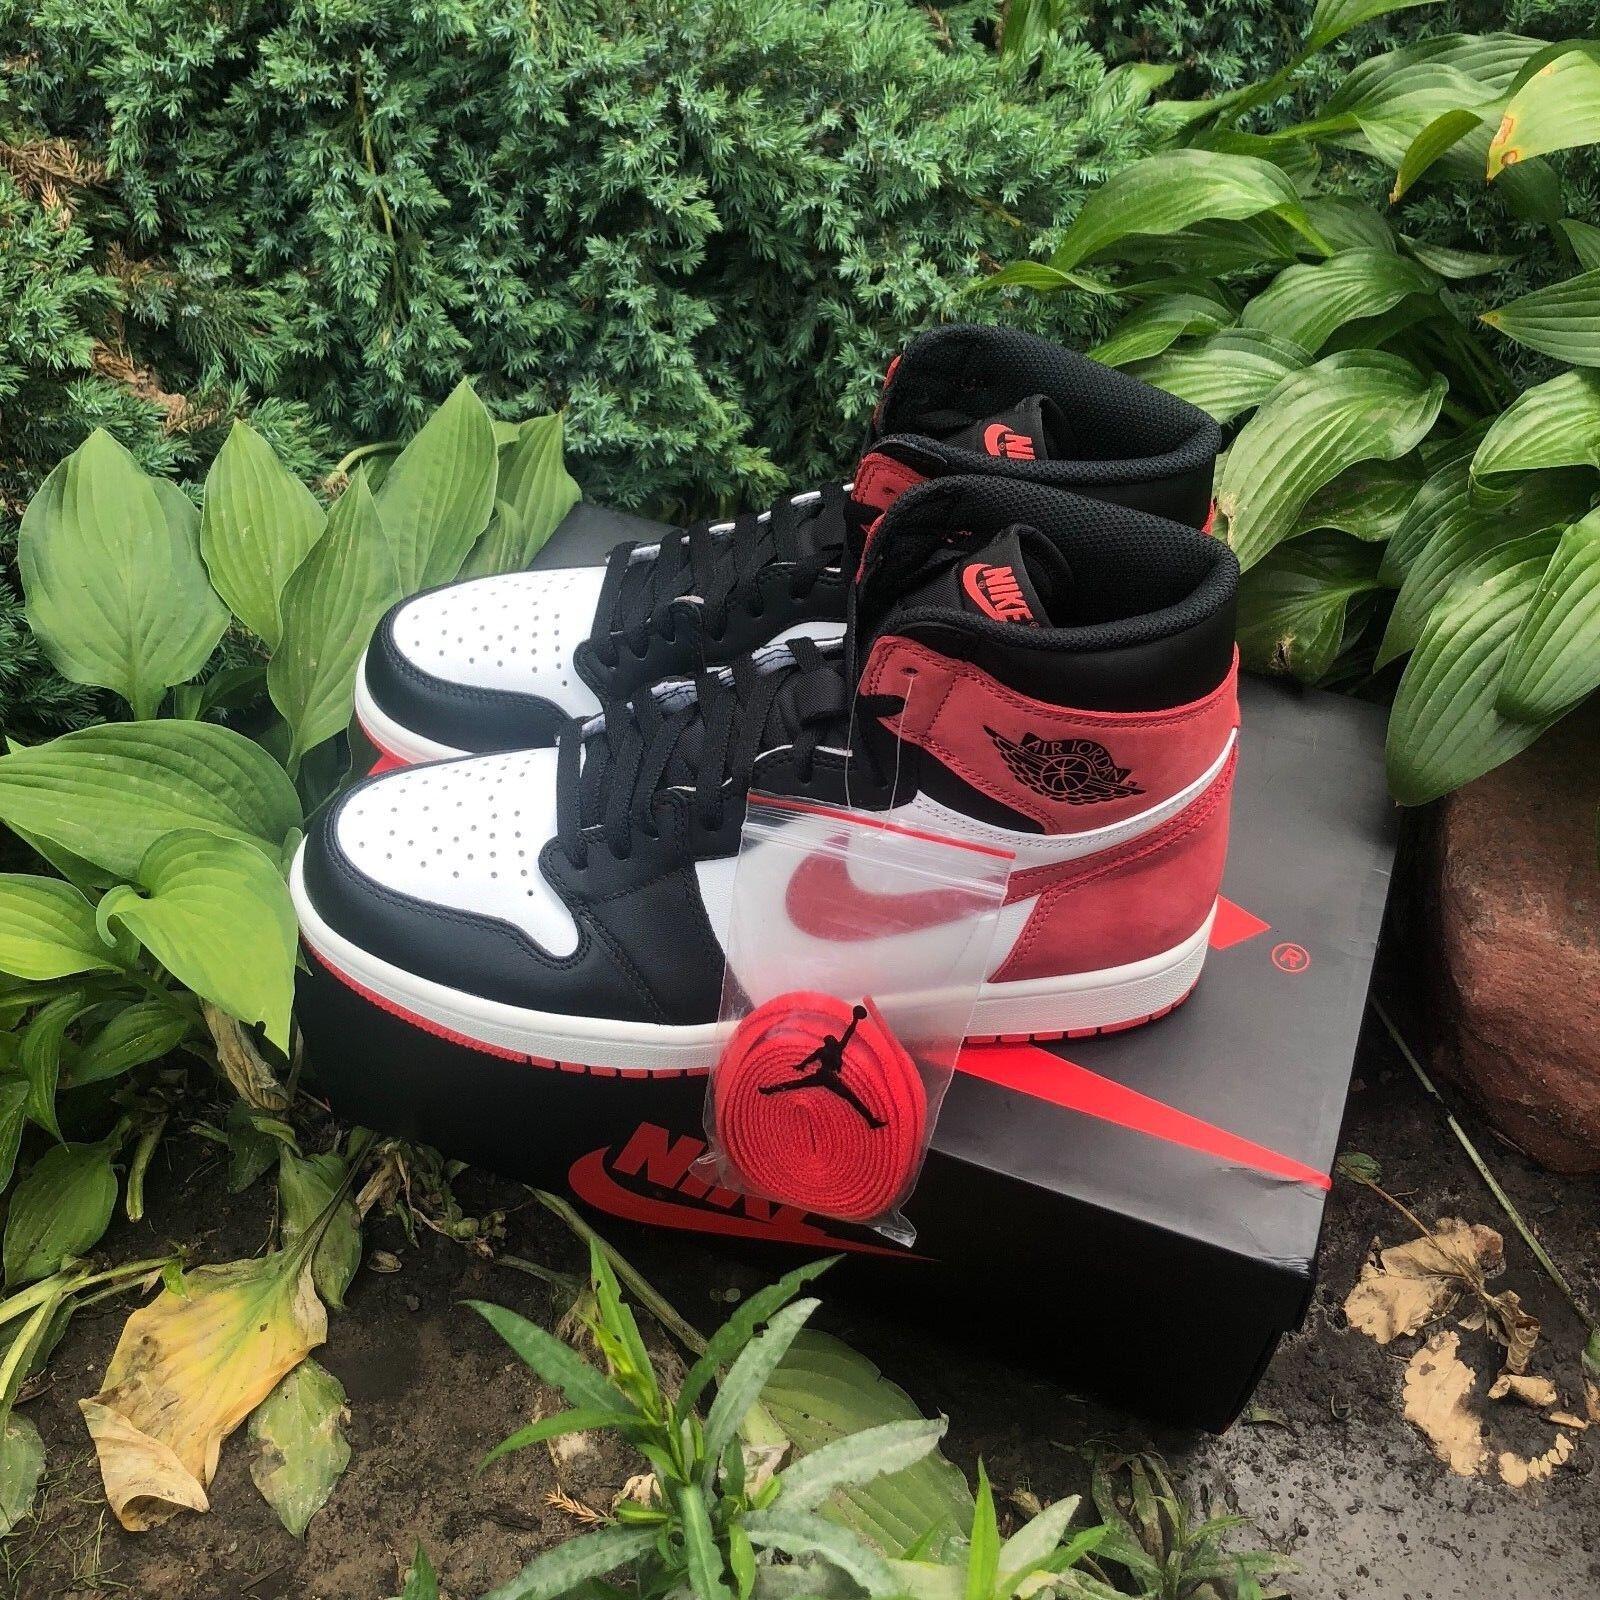 Nike Air Jordan 1 Retro High OG Best Hand Hand Hand In Game 6 Rings TRACK RED 555088-112 2648ed